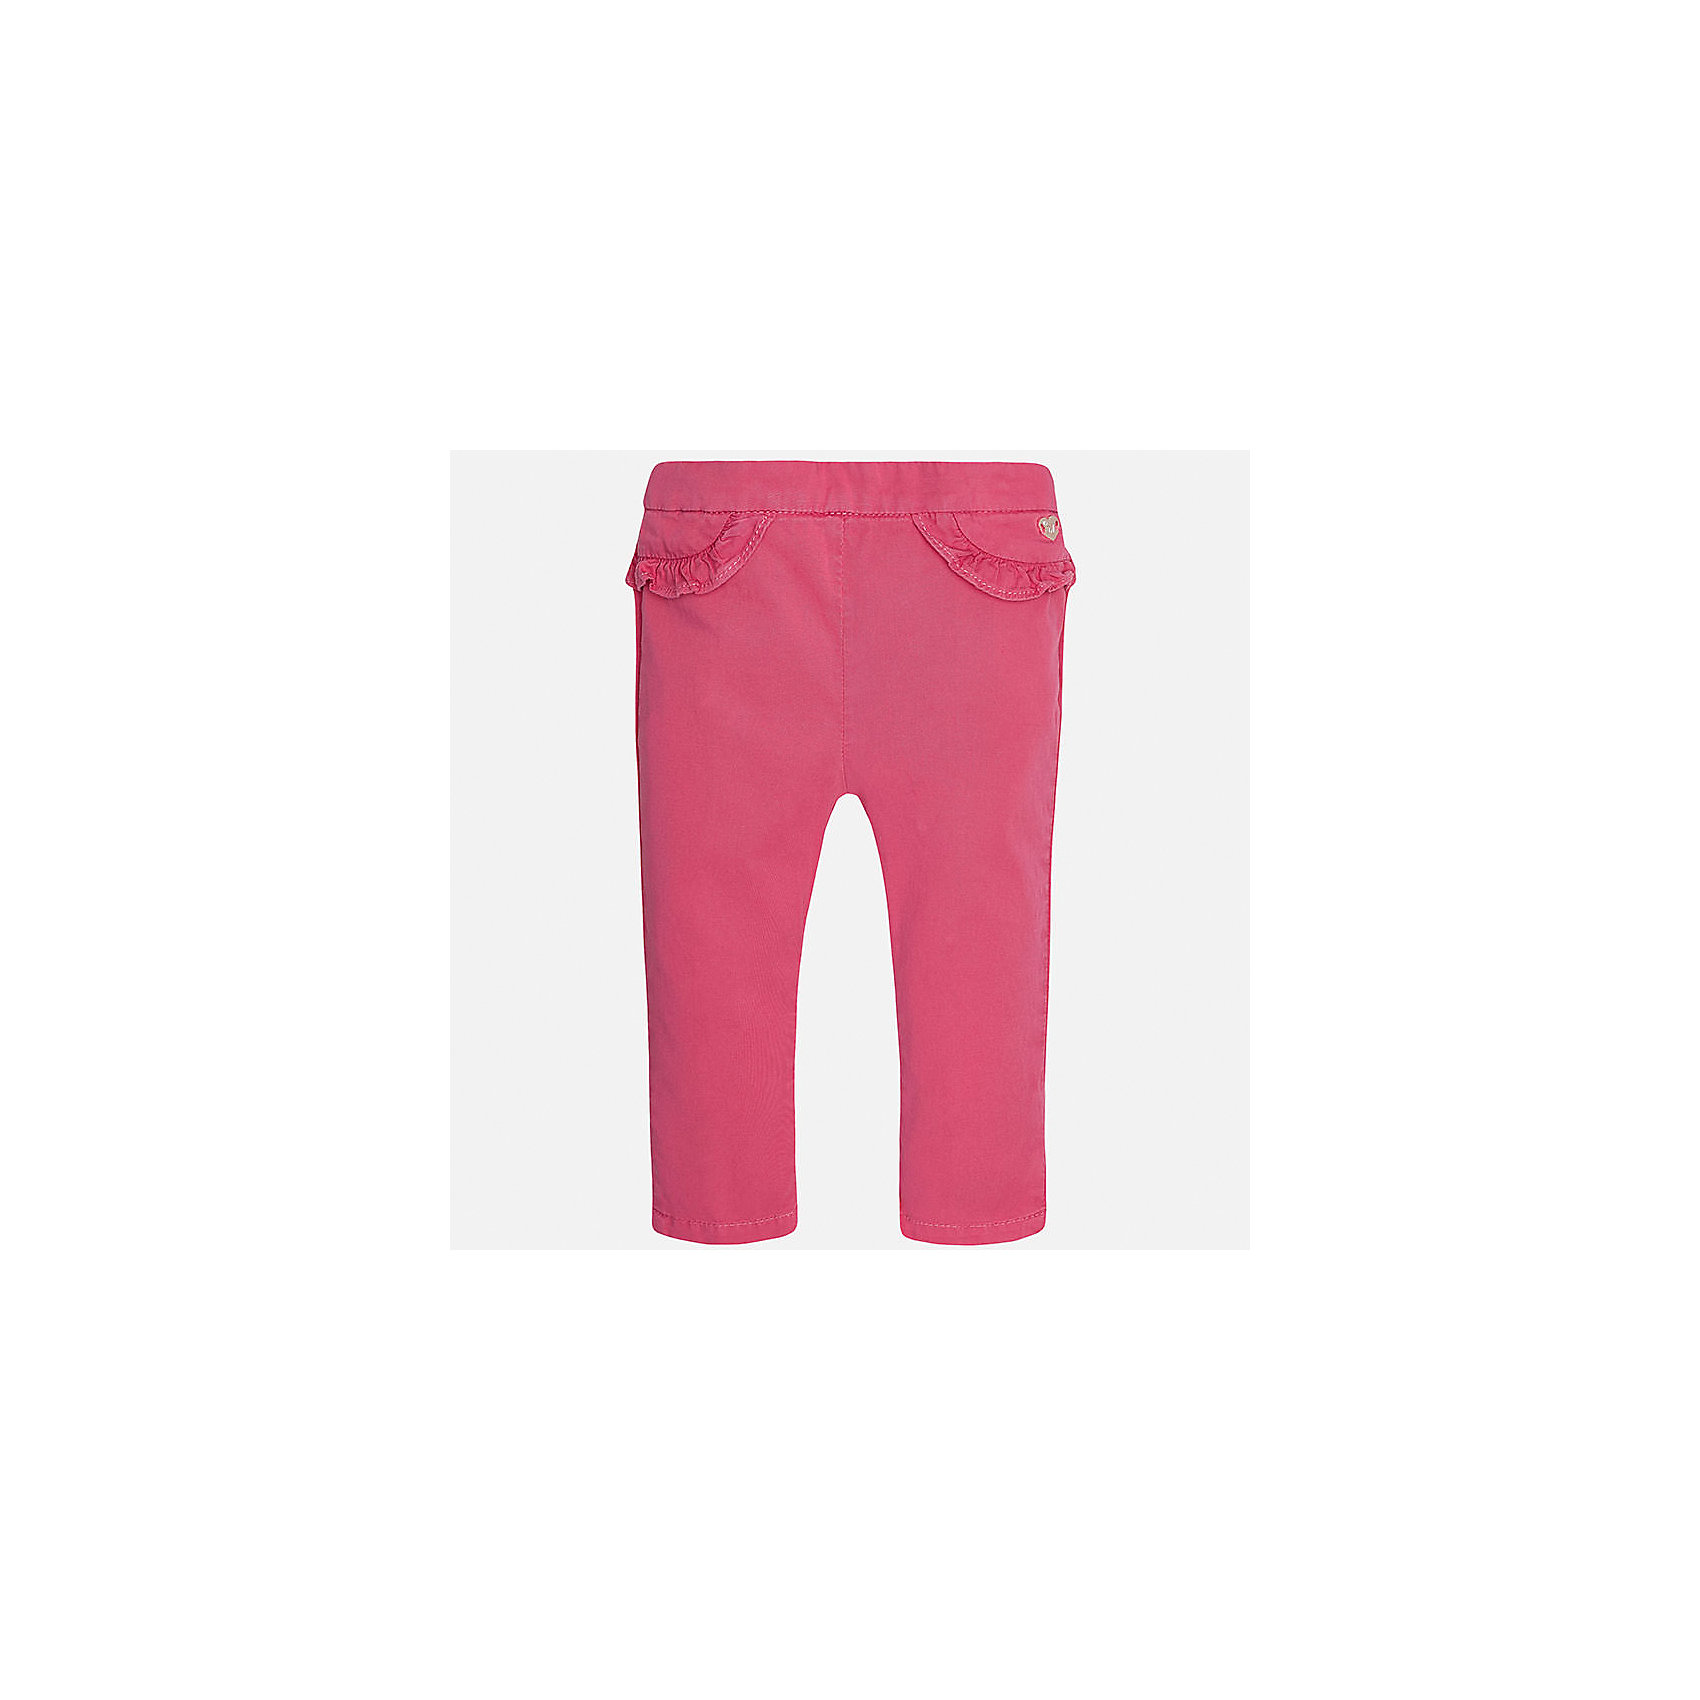 Брюки для девочки MayoralХарактеристики товара:<br><br>• цвет: розовый<br>• состав: 98% хлопок, 2% эластан<br>• оборки возле на талии<br>• логотип<br>• интересный крой<br>• яркий цвет<br>• страна бренда: Испания<br><br>Модные оригинальные брюки для девочки смогут разнообразить гардероб ребенка и украсить наряд. Они отлично сочетаются с майками, футболками, блузками. Красивый оттенок позволяет подобрать к вещи верх разных расцветок. Интересный крой модели делает её нарядной и оригинальной. <br><br>Одежда, обувь и аксессуары от испанского бренда Mayoral полюбились детям и взрослым по всему миру. Модели этой марки - стильные и удобные. Для их производства используются только безопасные, качественные материалы и фурнитура. Порадуйте ребенка модными и красивыми вещами от Mayoral! <br><br>Брюки для девочки от испанского бренда Mayoral (Майорал) можно купить в нашем интернет-магазине.<br><br>Ширина мм: 215<br>Глубина мм: 88<br>Высота мм: 191<br>Вес г: 336<br>Цвет: розовый<br>Возраст от месяцев: 6<br>Возраст до месяцев: 9<br>Пол: Женский<br>Возраст: Детский<br>Размер: 74,80,86,92<br>SKU: 5288981